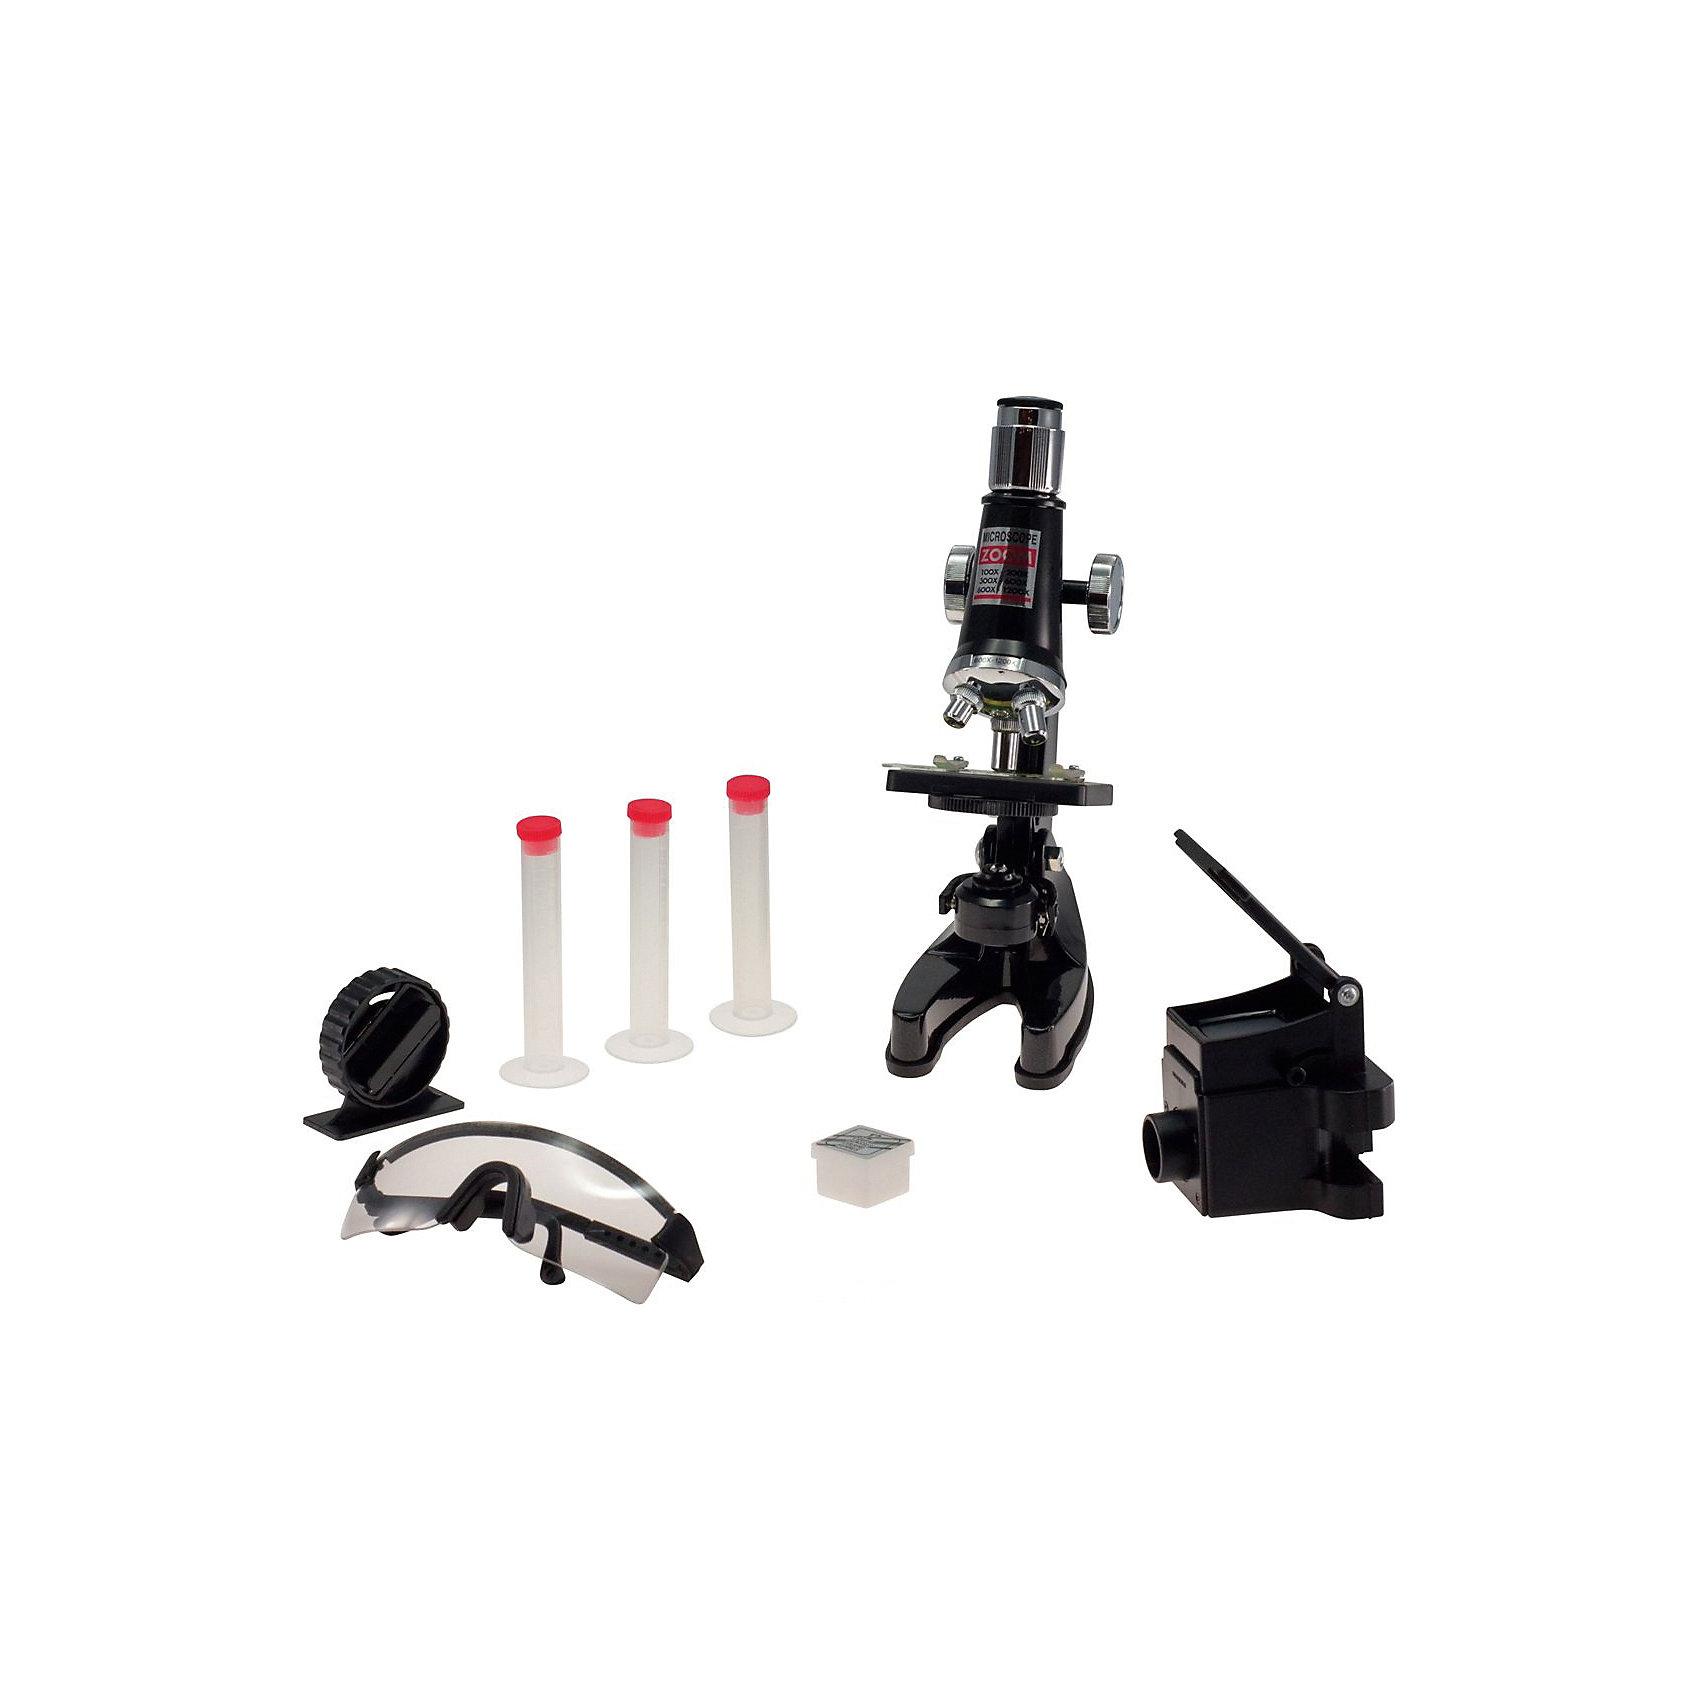 Микроскоп 100*1200, Edu-ToysМикроскопы<br>Микроскоп MS112 совмещает в себе сразу пять устройств и способен трансформироваться из детского микроскопа с большим увеличением в микроскоп с проектором, мини-фотоаппарат и рисующее устройство. Прибор оснащен трехгнездной револьверной головкой, объективы которой обеспечивают плавную смену увеличений: от 100 до 200, от 300 до 600 и от 600 до 1200 крат. Специальная ручка фокусировки поможет наладить нужную резкость, а с помощью зеркала-отражателя Вы сможете настроить необходимое освещение для изучения препарата. Если яркости недостаточно, можно воспользоваться встроенной подсветкой, расположенной у основания прибора. Микроскоп оборудован специальным предметным столиком с лапками-зажимами для микропрепаратов. <br><br>Микроскоп можно легко преобразовать в проектор для просмотра слайдов с микропрепаратами в увеличенном виде. Функция фотоаппарата позволит создавать собственные альбомы образцов, а с помощью рисующего устройства Вы сможете делать зарисовки микропрепаратов. В комплект также входит большой набор для исследования микромира, с которым Ваш ребенок проведет множество увлекательных опытов и наблюдений. Здесь Вы найдете комплект готовых микропрепаратов а также необходимые инструменты и емкости для их самостоятельного изготовления. <br><br>Дополнительная информация:<br><br>- В комплекте: микроскоп Edu-Toys MS112, мини-фотоаппарат, проектор, проектор для зарисовывания препаратов, мини-окуляр, 10х, 30х, 60х линзы объектива, окуляры 12х и 18х, 2  готовых микропрепарат, 10 предметных стекол, 12 покровных стекол, 12 этикеток для препаратов, лупа 3х-6х, 2 пробирки, флакон с икринками креветок, флакон с красителем   (метиловый синий), флакон с хлоридом натрия, пробирка со шкалой (10 мл.), стеклянная палочка для перемешивания, чаша Петри, скальпель, игла, пинцет, шпатель (для посева  культур), пипетка, мини-инкубатор для выращивания микробиологических культур, запасная лампочка, защитные очки, мини-нож для изготовления препаратов, 